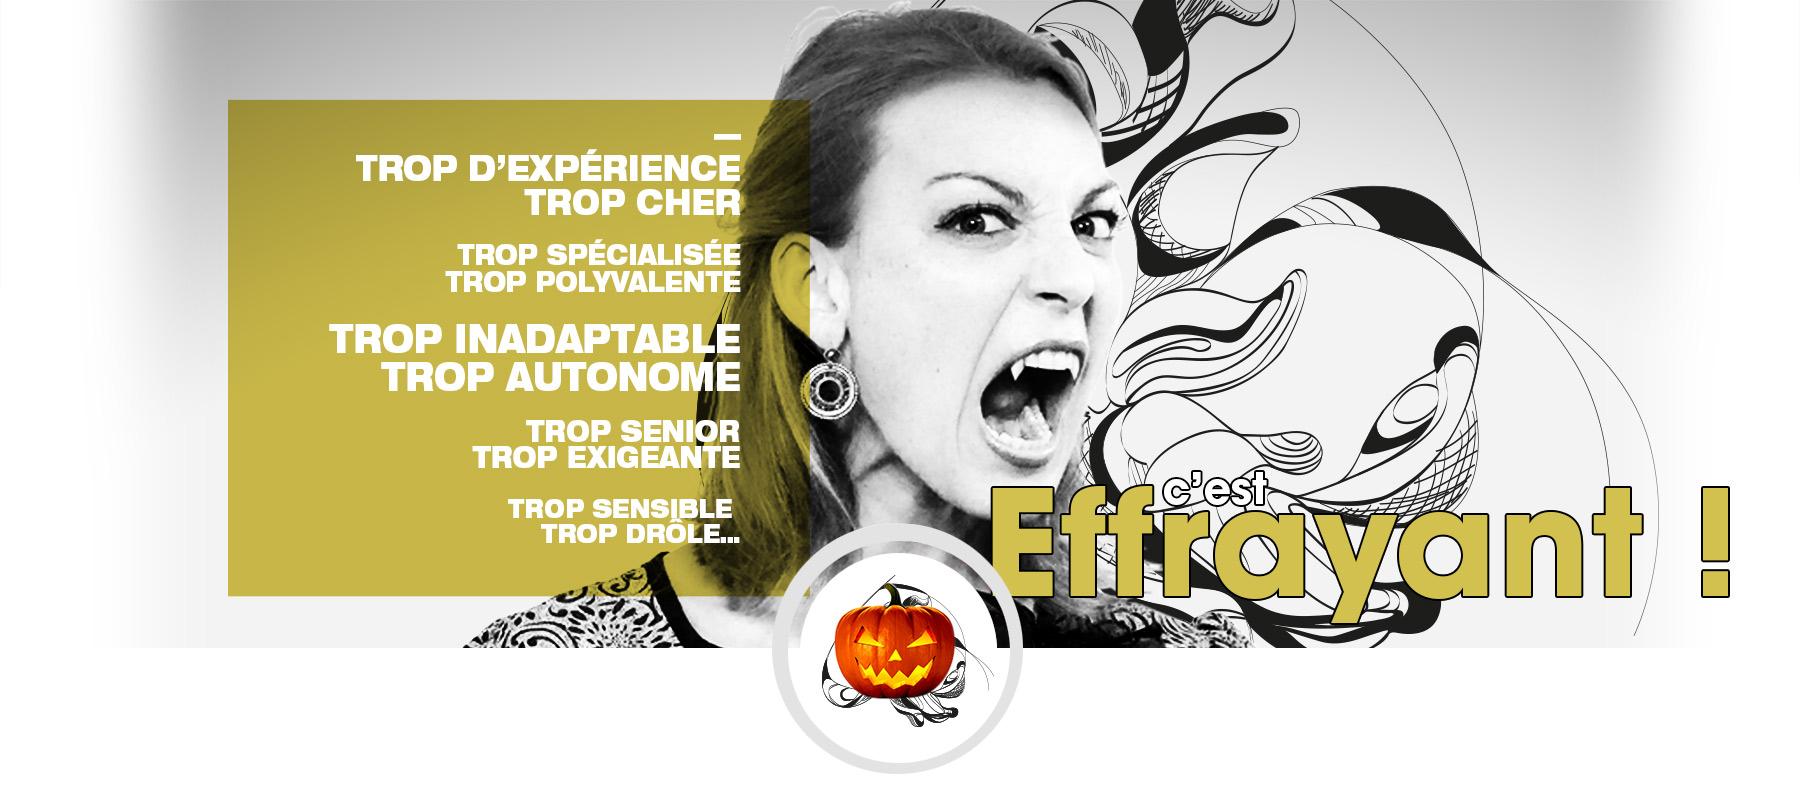 halloween - recrutement Savoie communication - Céline Pasteur - directeur artistique - concepteur rédacteur